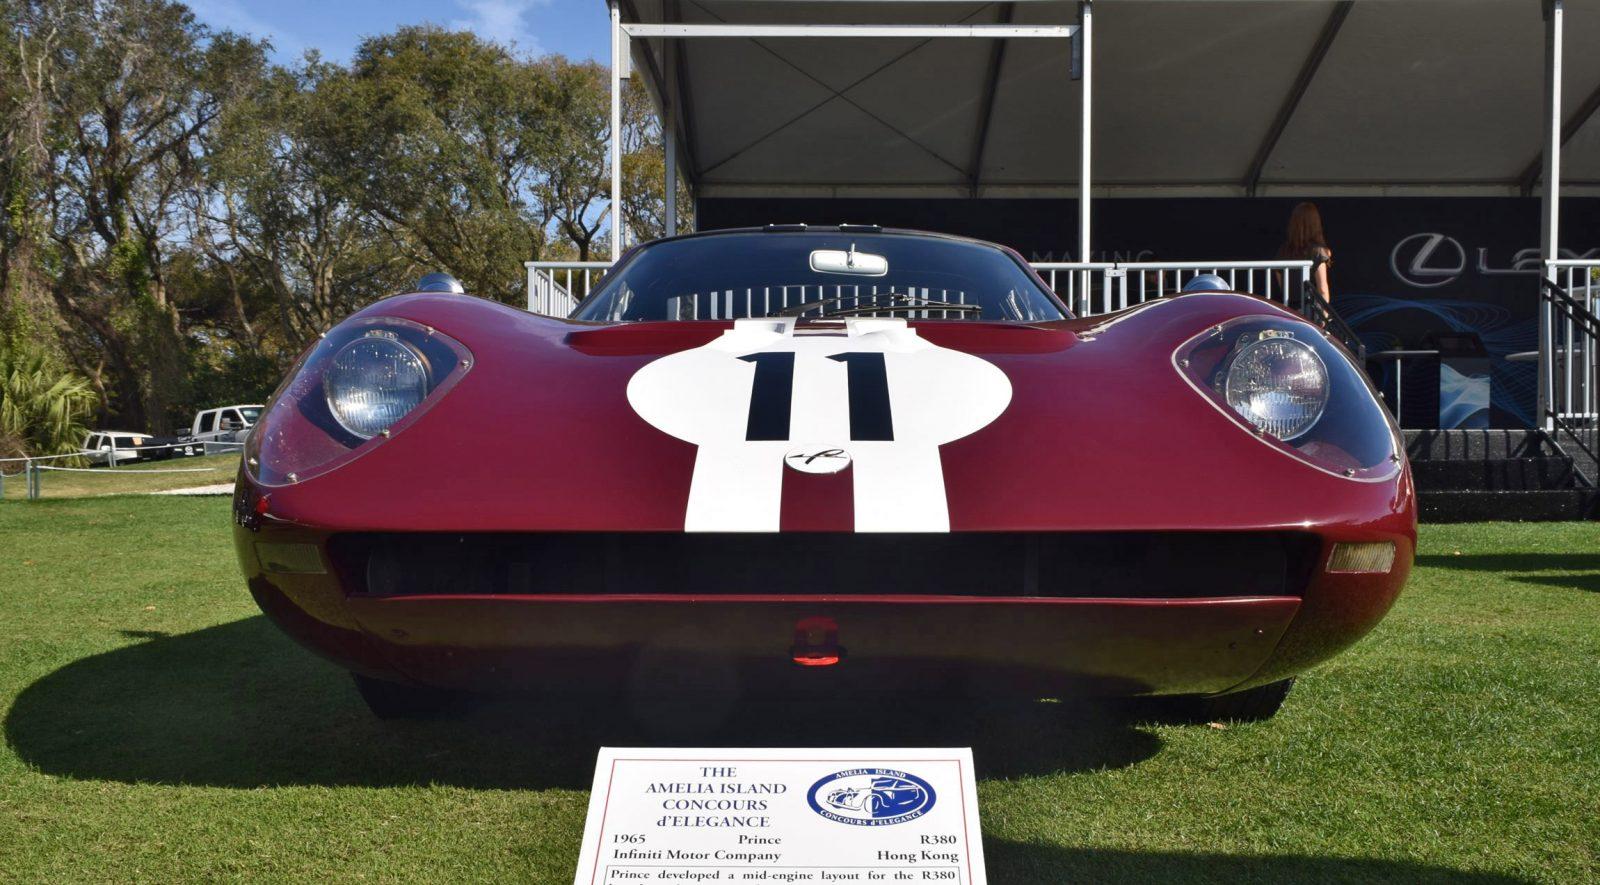 1965 Prince INFINITI R380 11